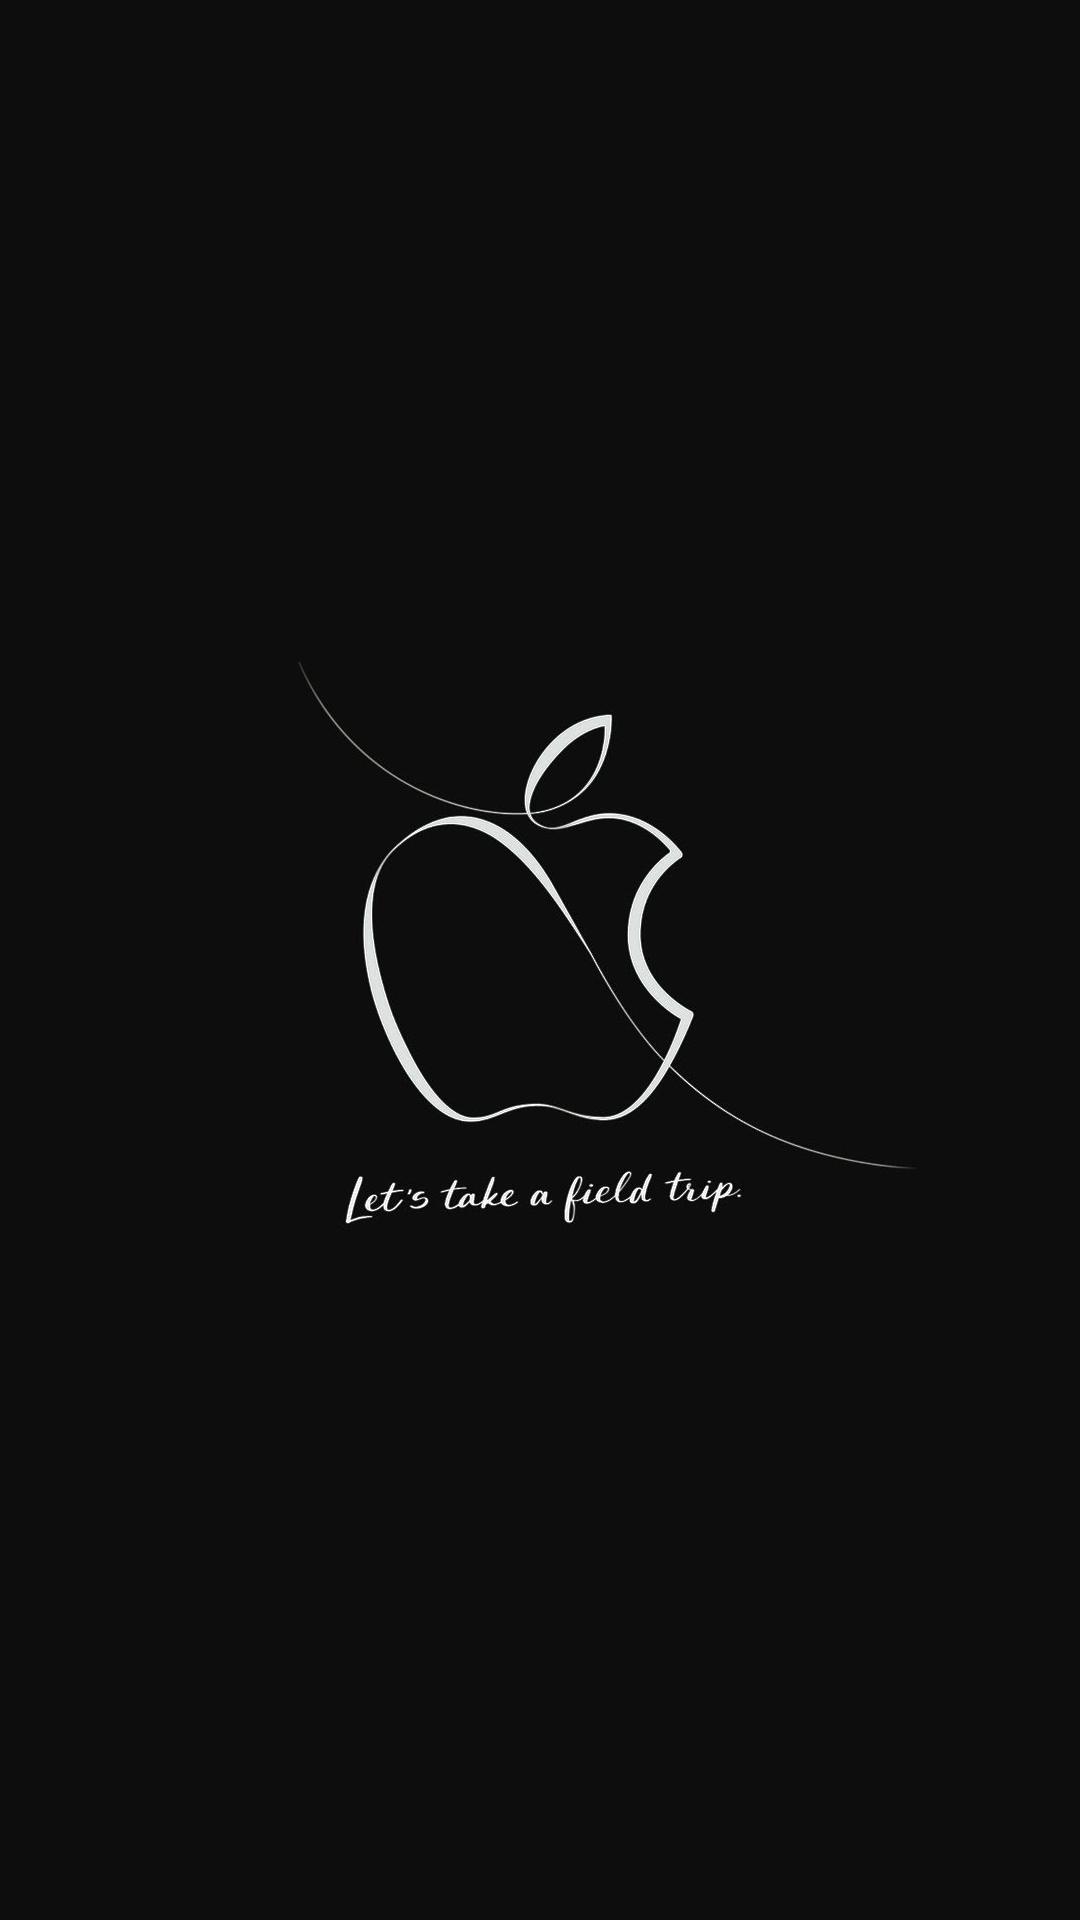 壁紙 Apple製品に似合う壁紙 18年3月appleスペシャルイベント編 私設apple委員会